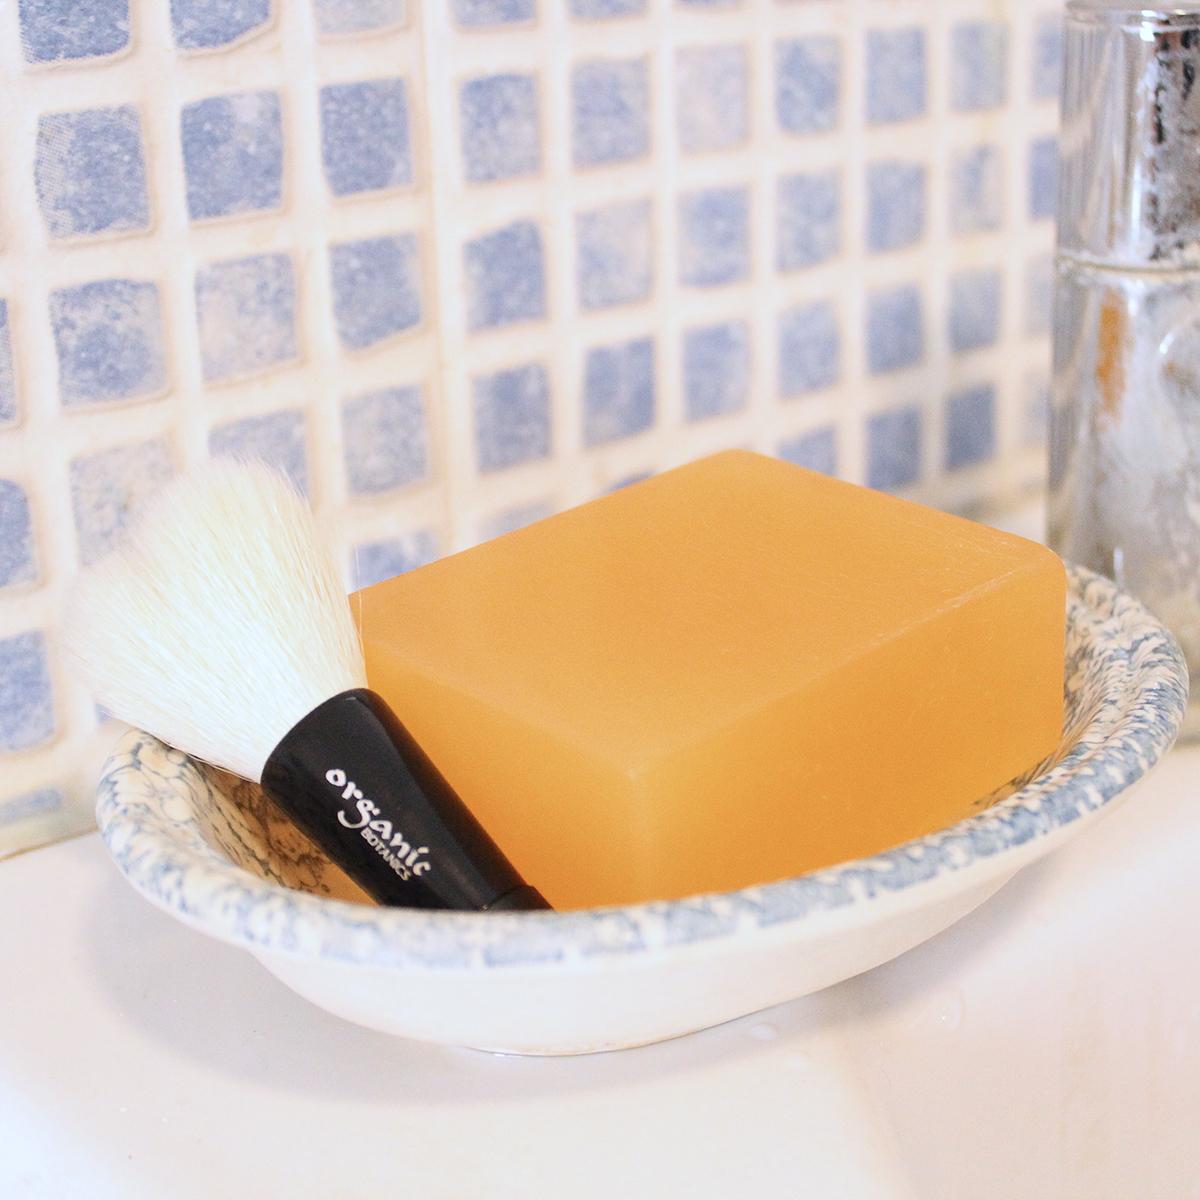 キッチンから始まった「伝説の自然派コスメ」|《洗顔ブラシ》ハーブ研究家が30年かけてつくり上げたソープ専用の洗顔ブラシ|organic BOTANICS